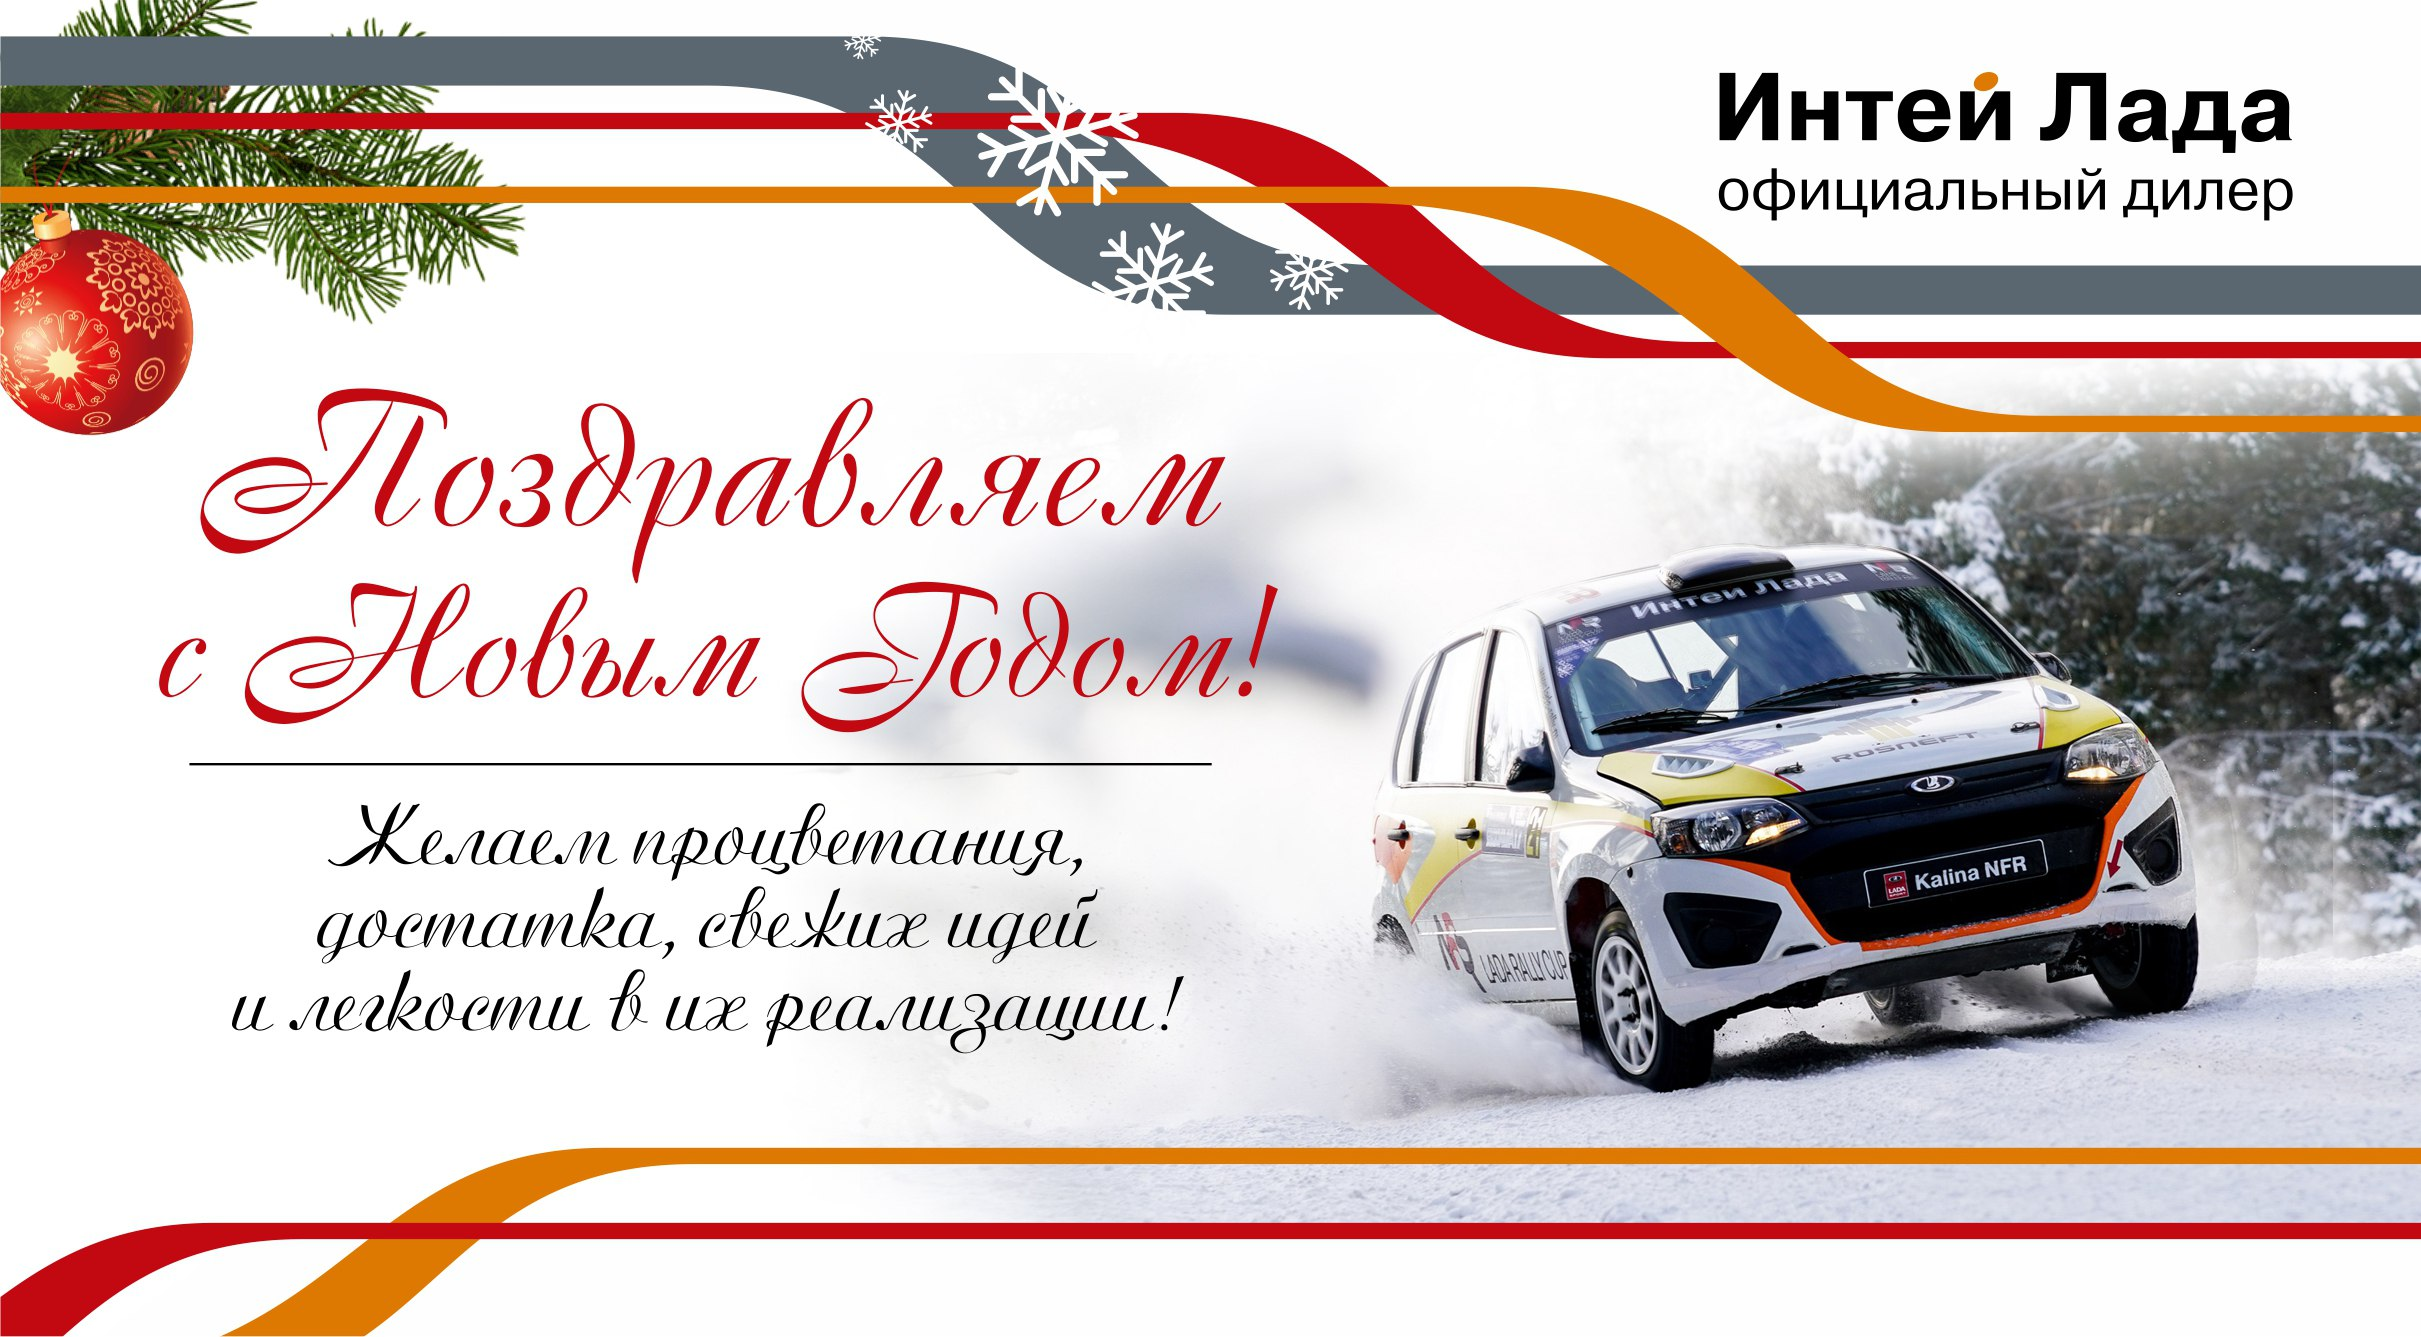 С наступающим Новым Годом и Рождеством! Режим работы АВТОЦЕНТРА в праздники